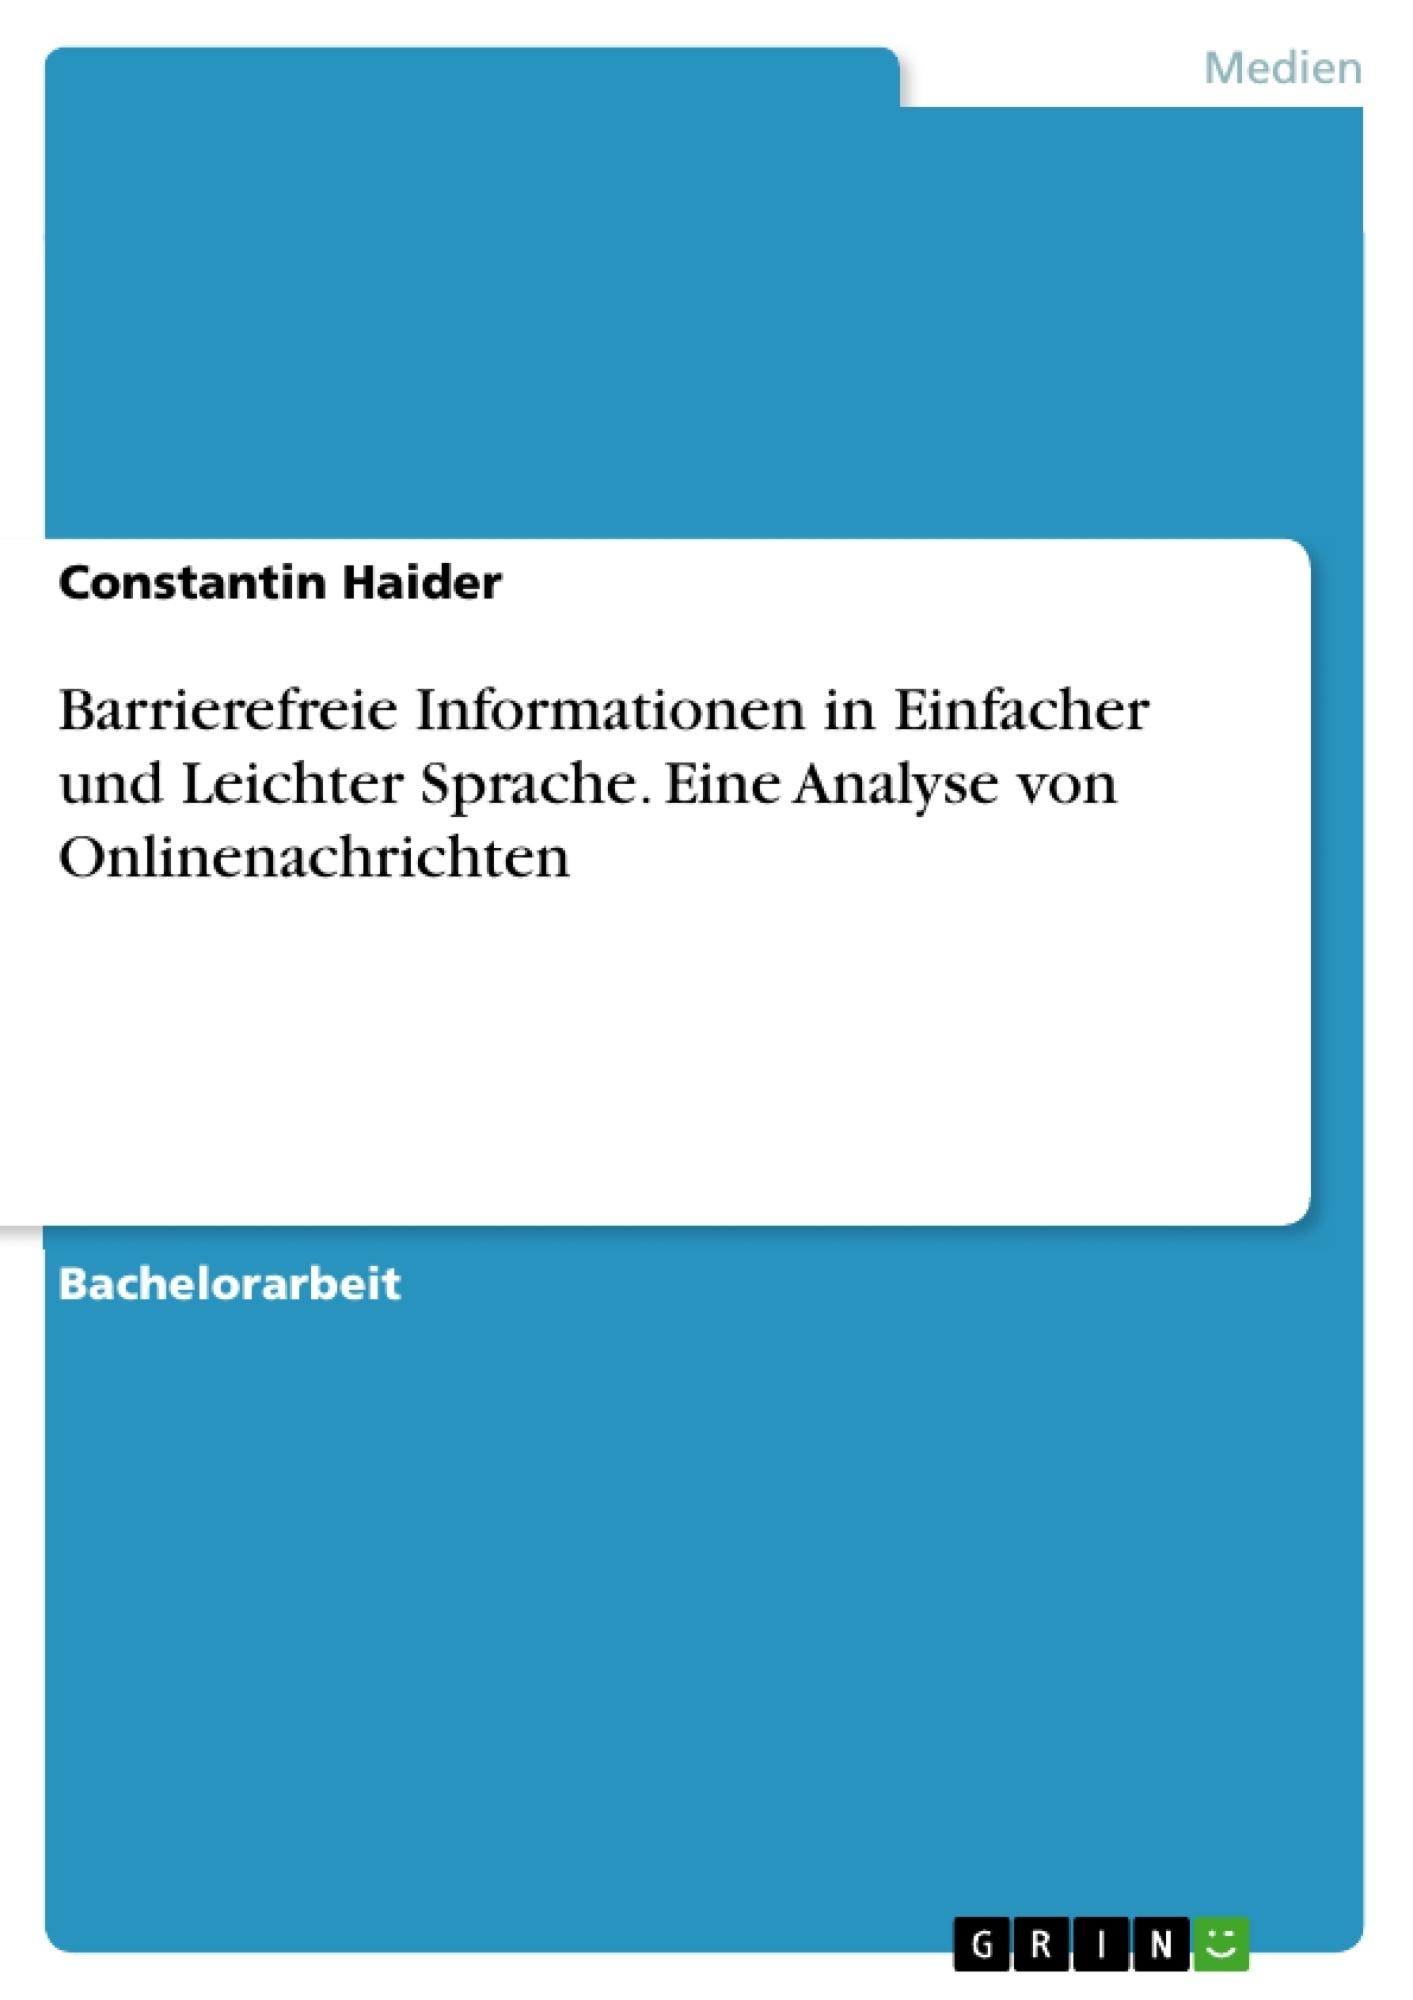 Titel: Barrierefreie Informationen in Einfacher und Leichter Sprache. Eine Analyse von Onlinenachrichten